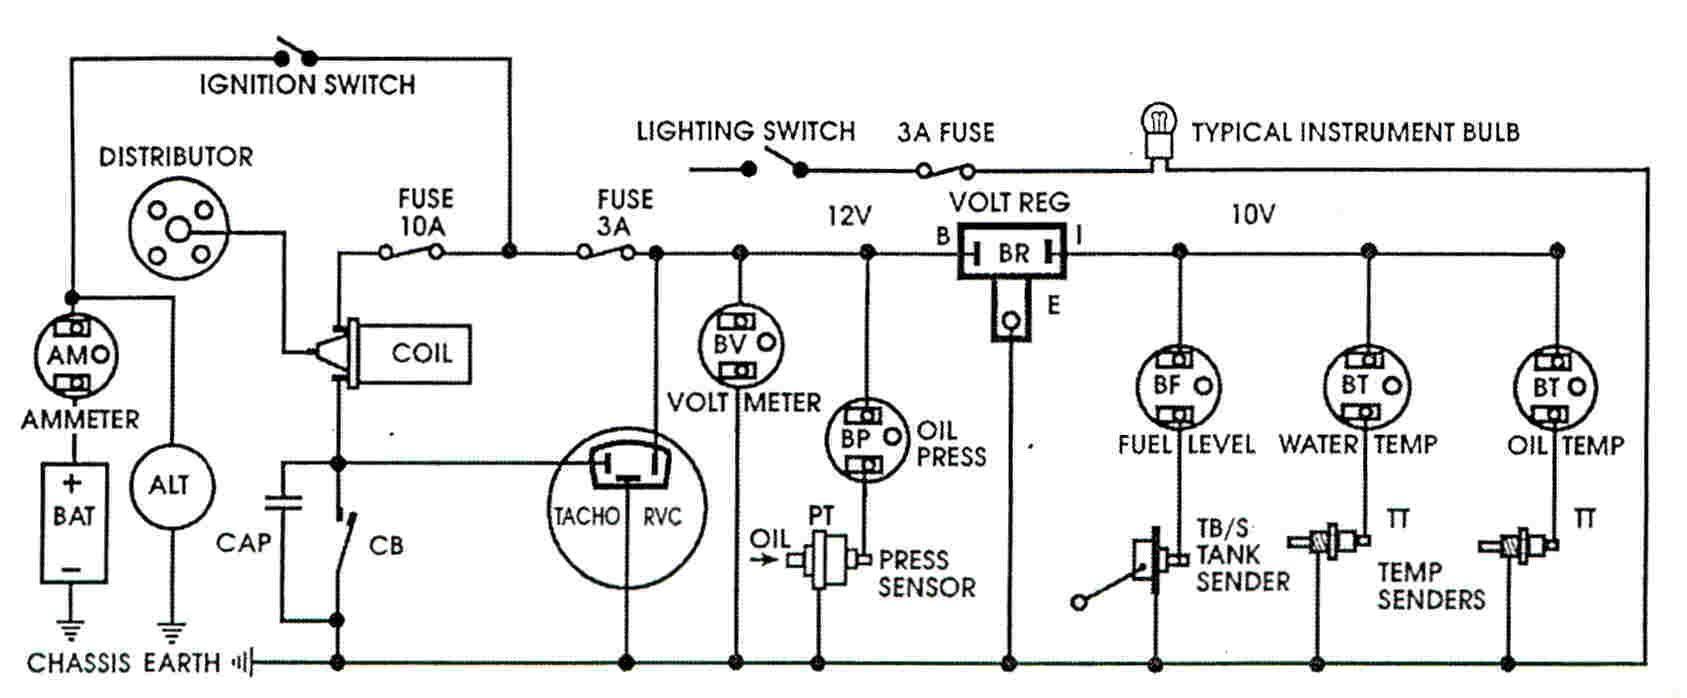 thrifty voltage regulator circuit diagram wiring diagram week thrifty voltage regulator circuit diagram [ 1687 x 698 Pixel ]